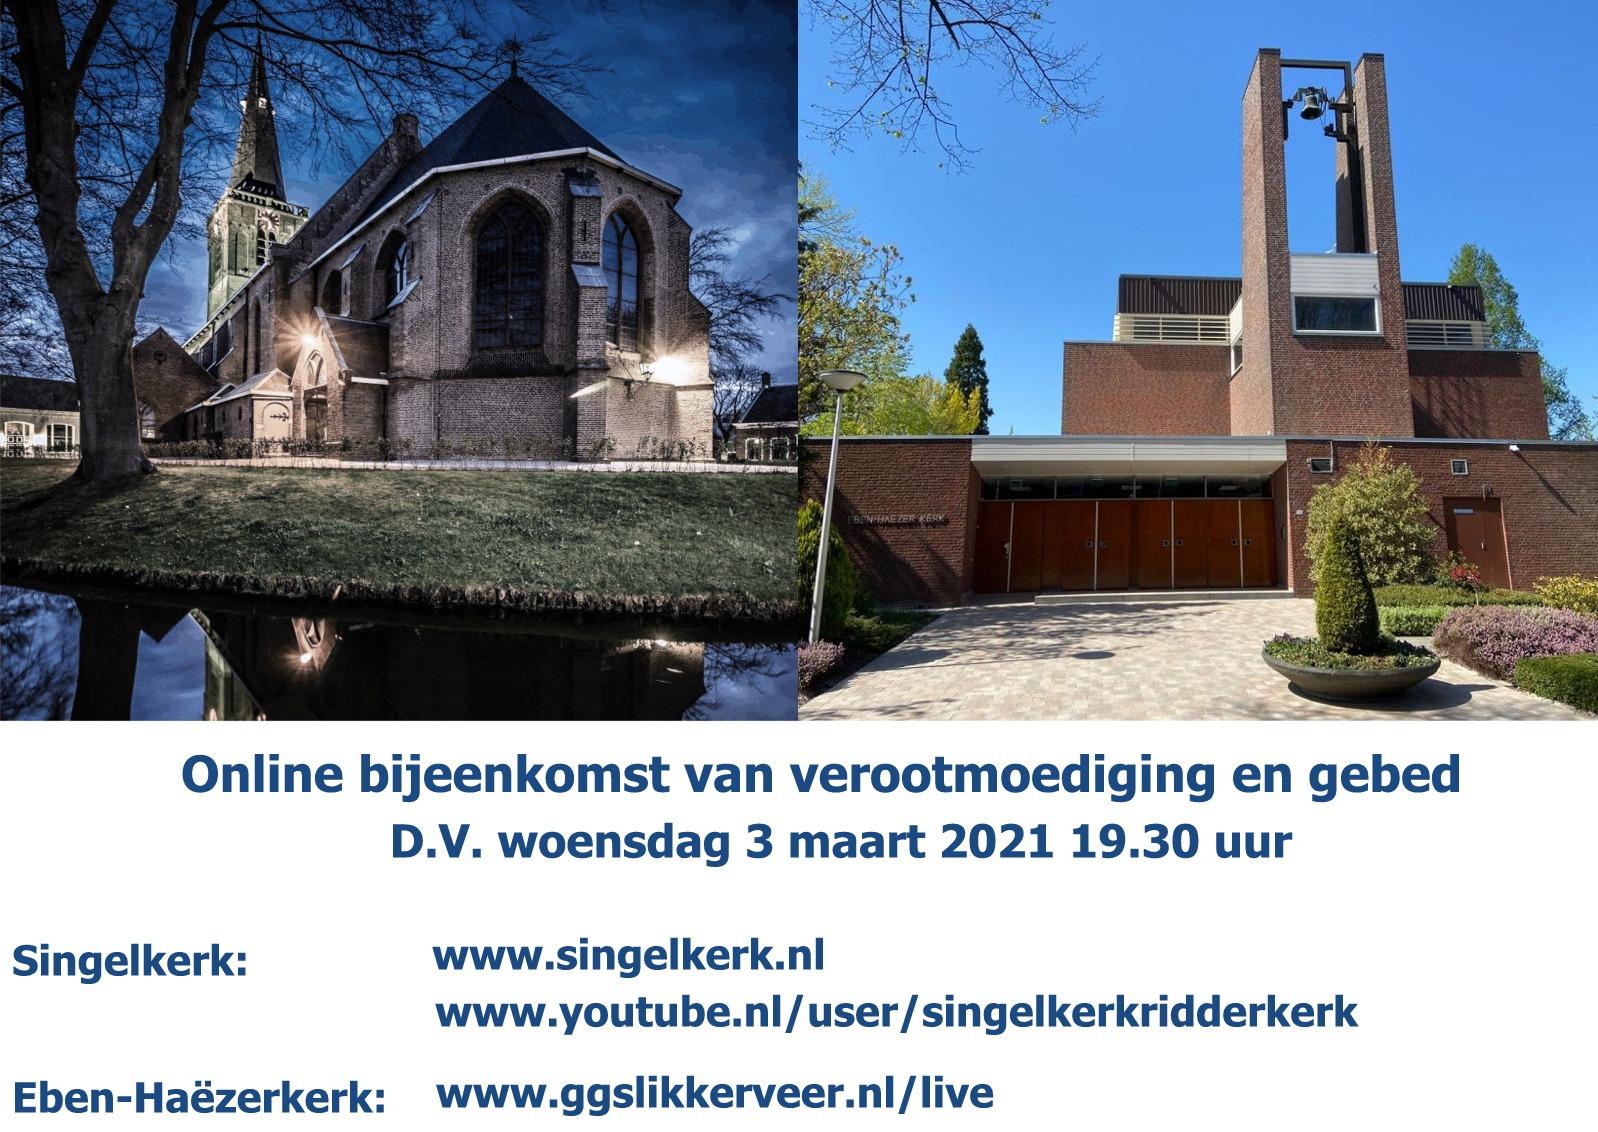 Bijeenkomst 3 maart